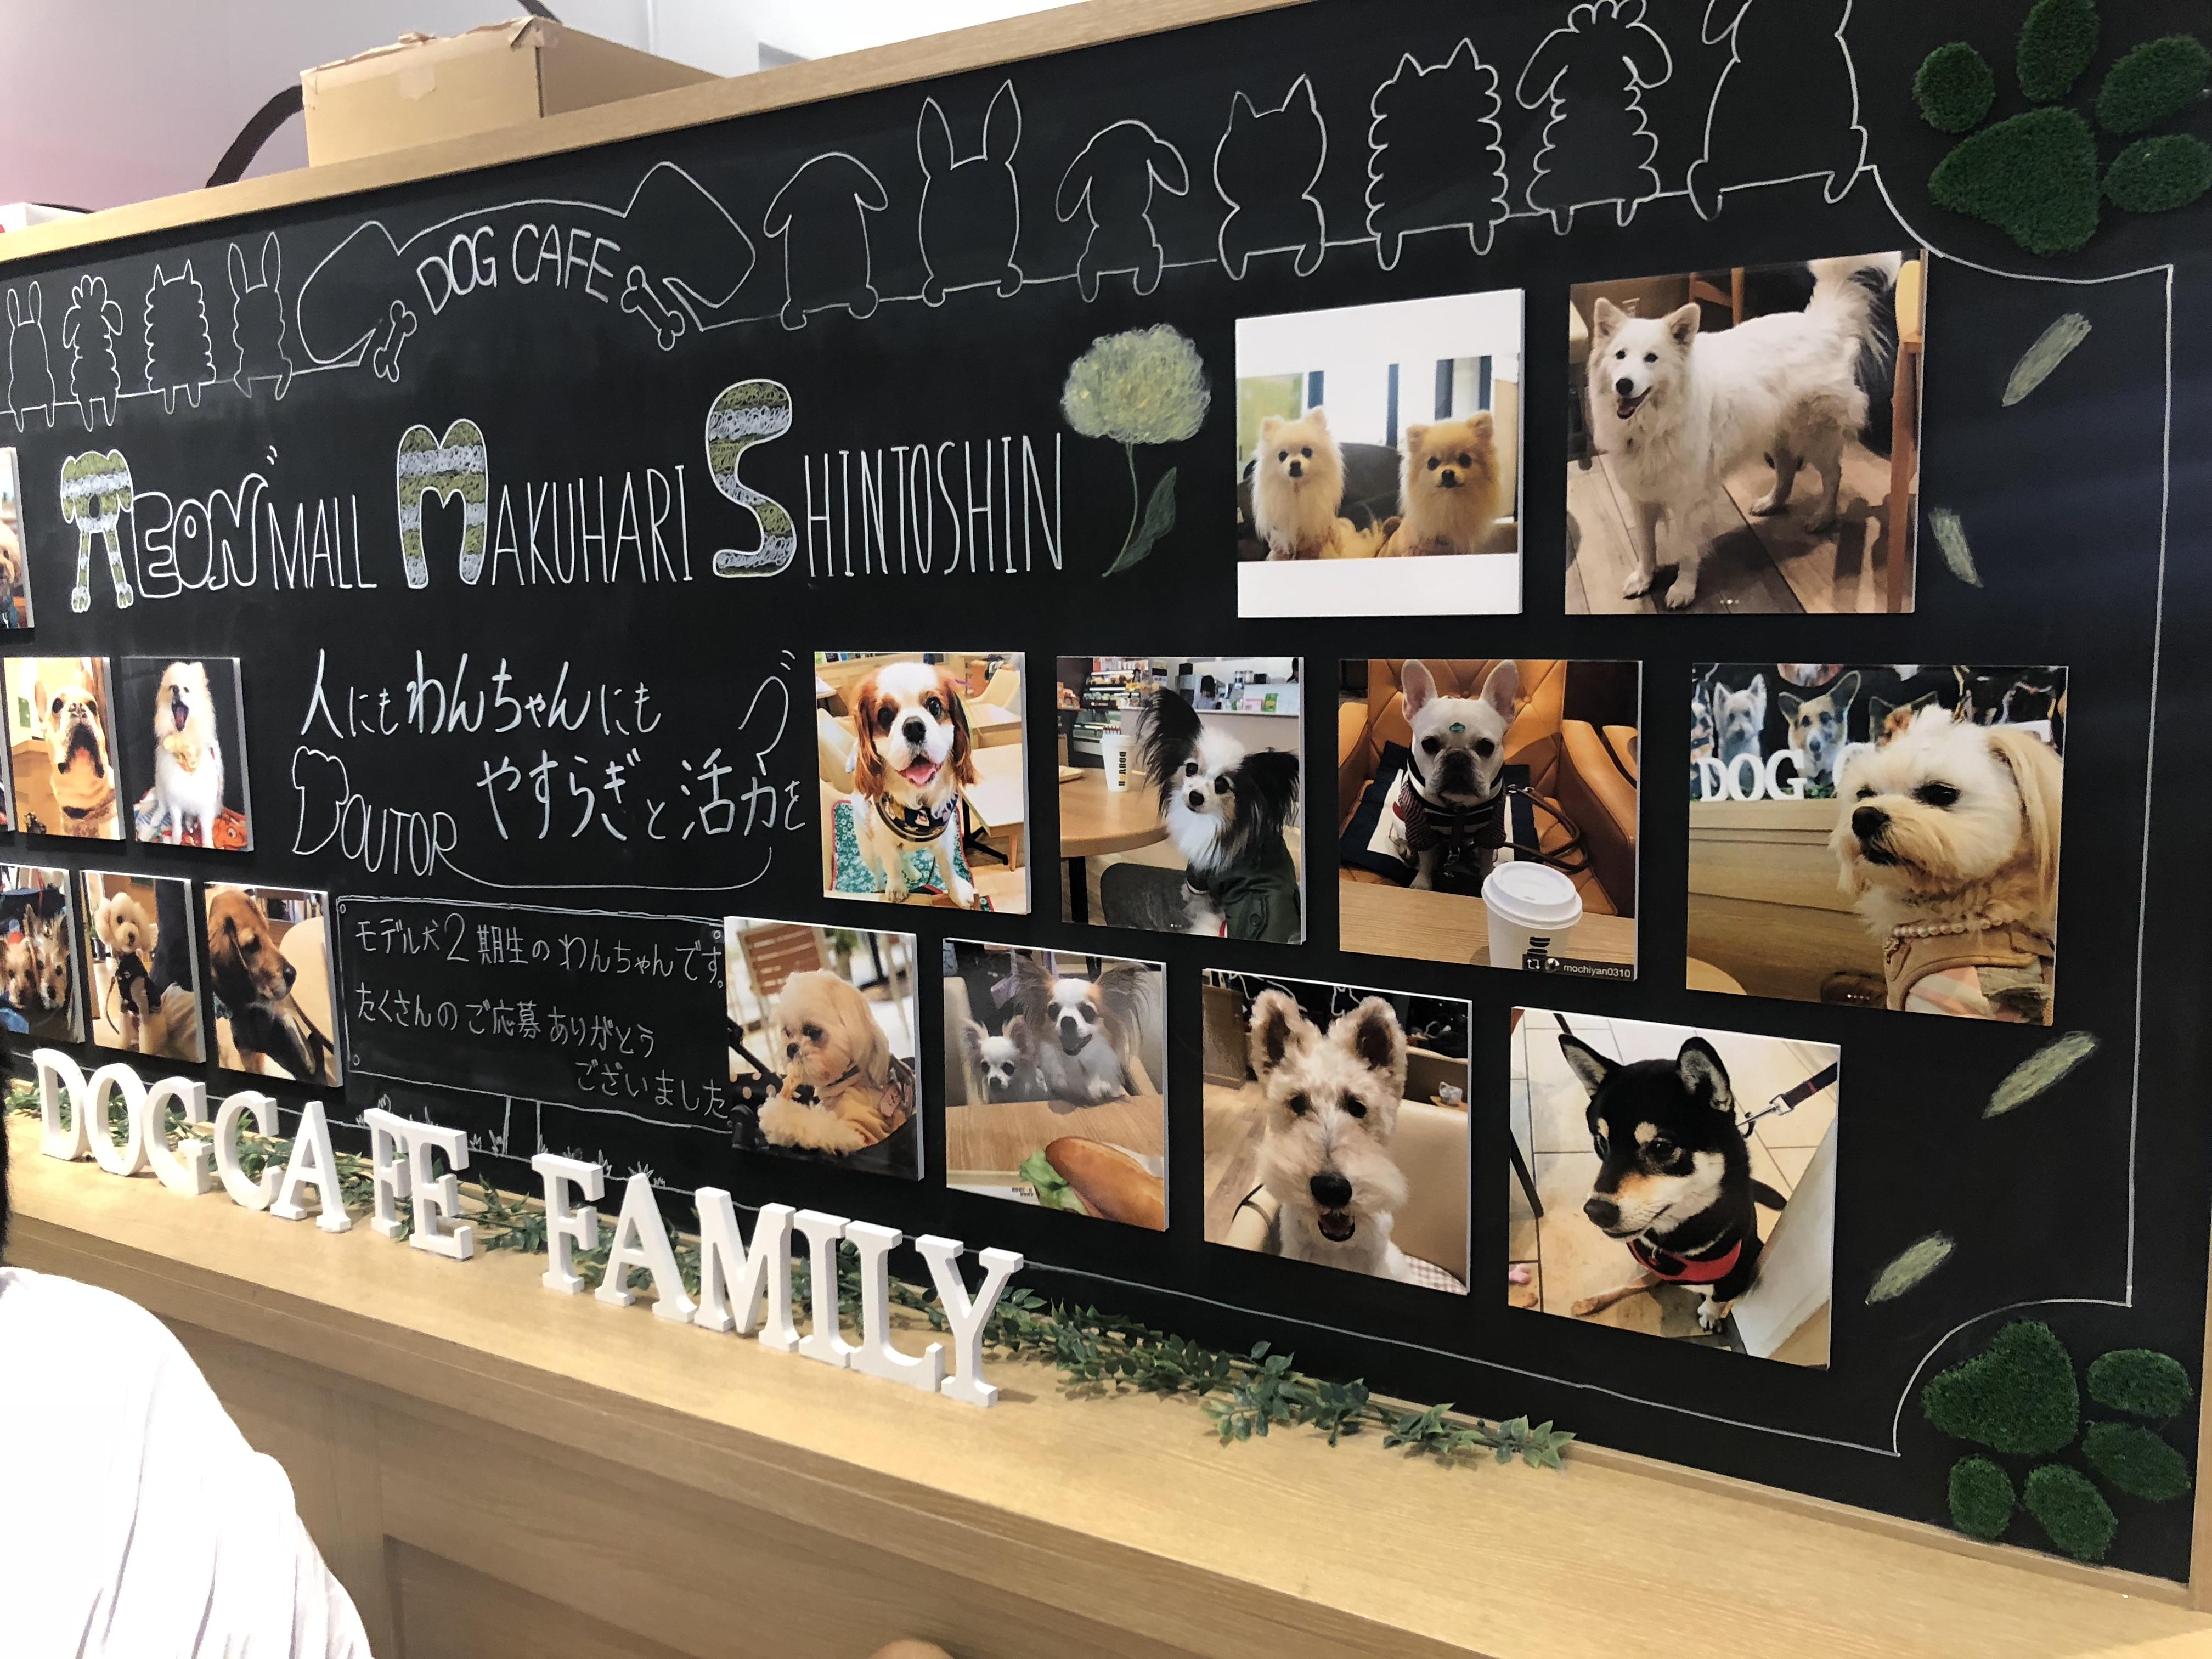 天候を気にせず愛犬と遊びたい!千葉県のイオンPET MALL幕張新都心は、1日中楽しめるお出かけスポット♪【後編】